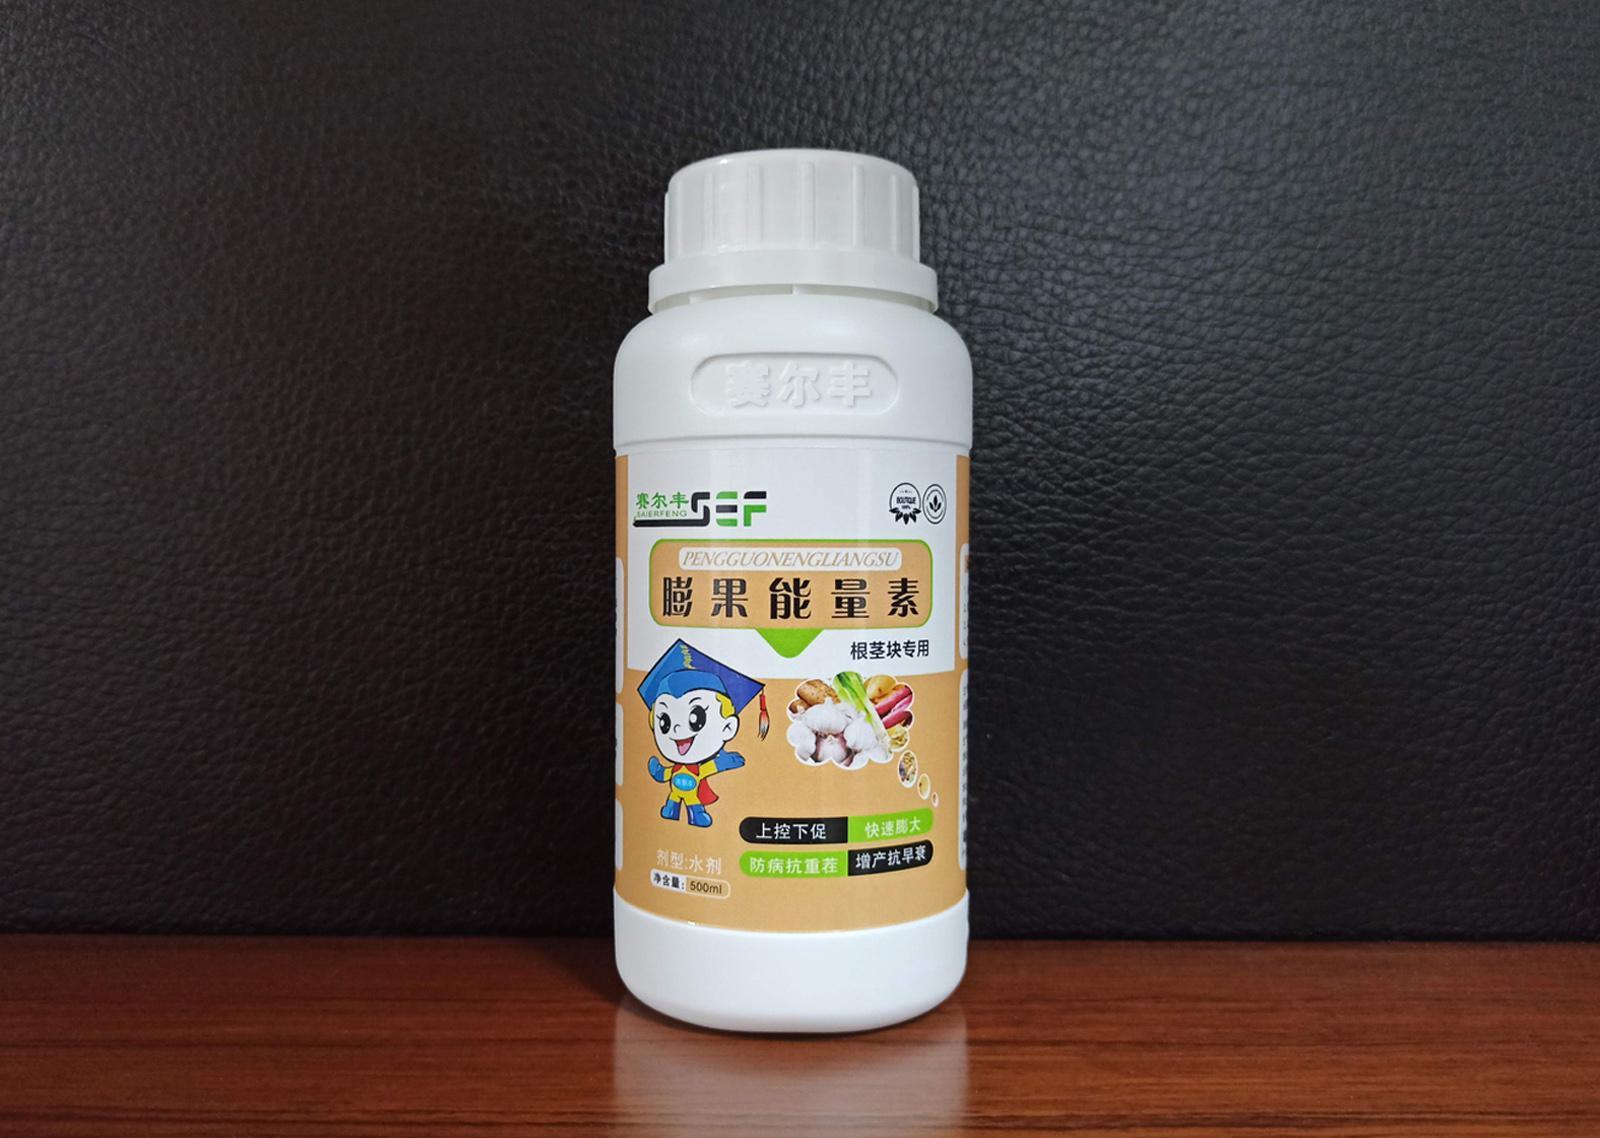 膨果能量素-根茎块膨大专用